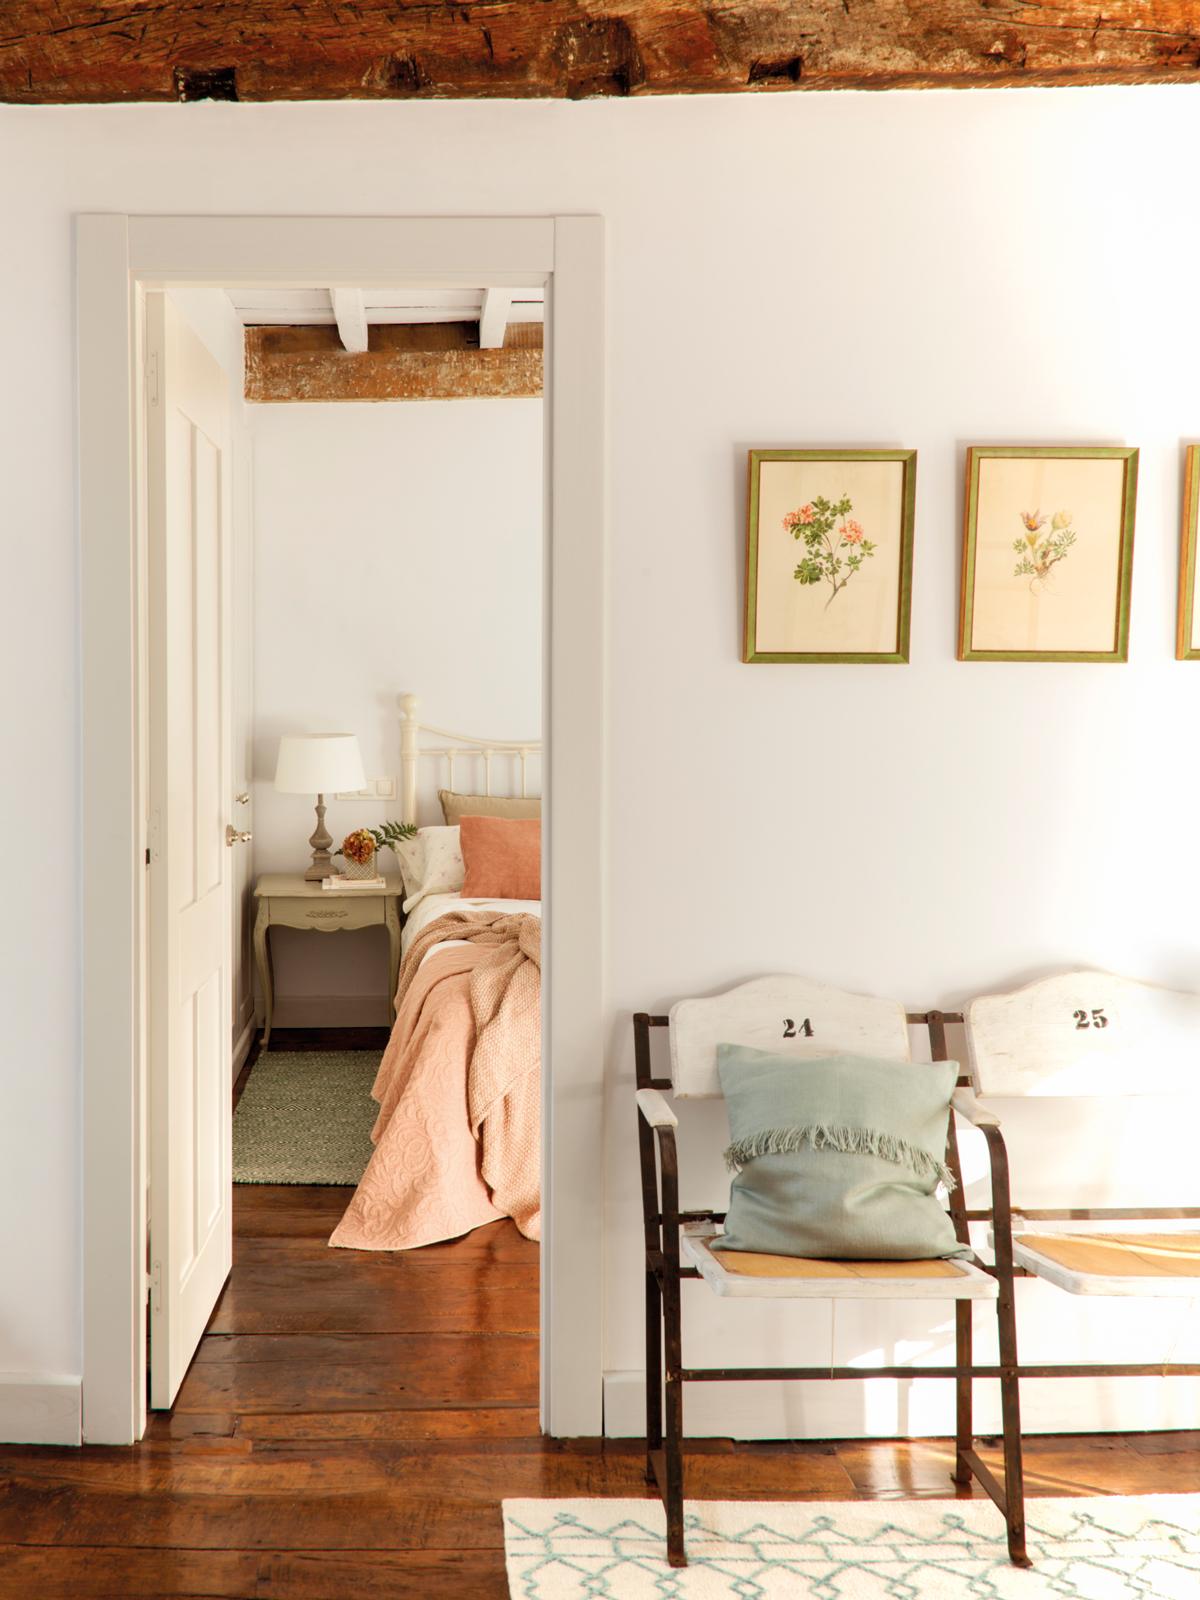 Decora tu dormitorio con estilo vintage - Dormitorios vintage modernos ...